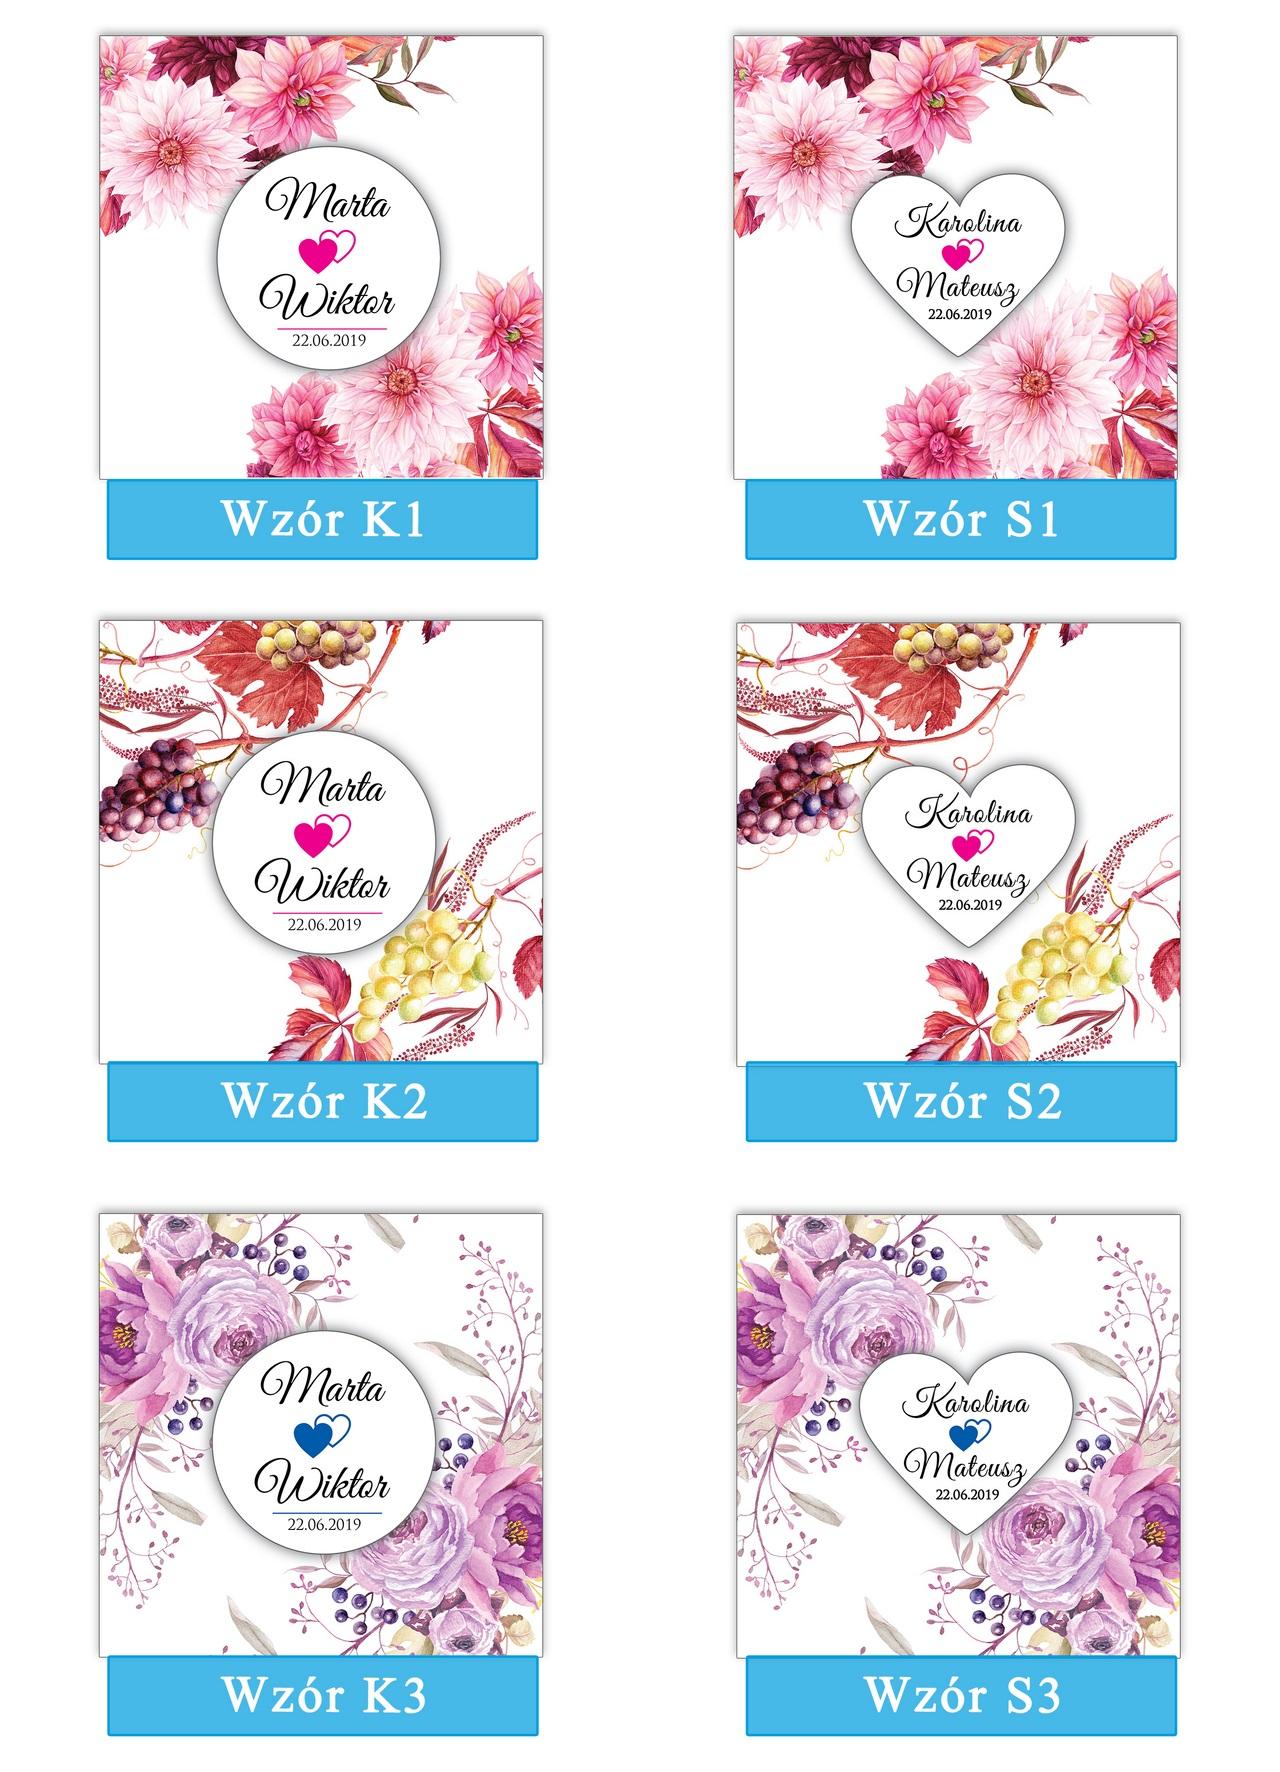 zaproszenia-ślubne-boho-rustykalne-kwiatowe-Nikola-ze-wstążką-kwiaty boho-plansza-wzory1-3